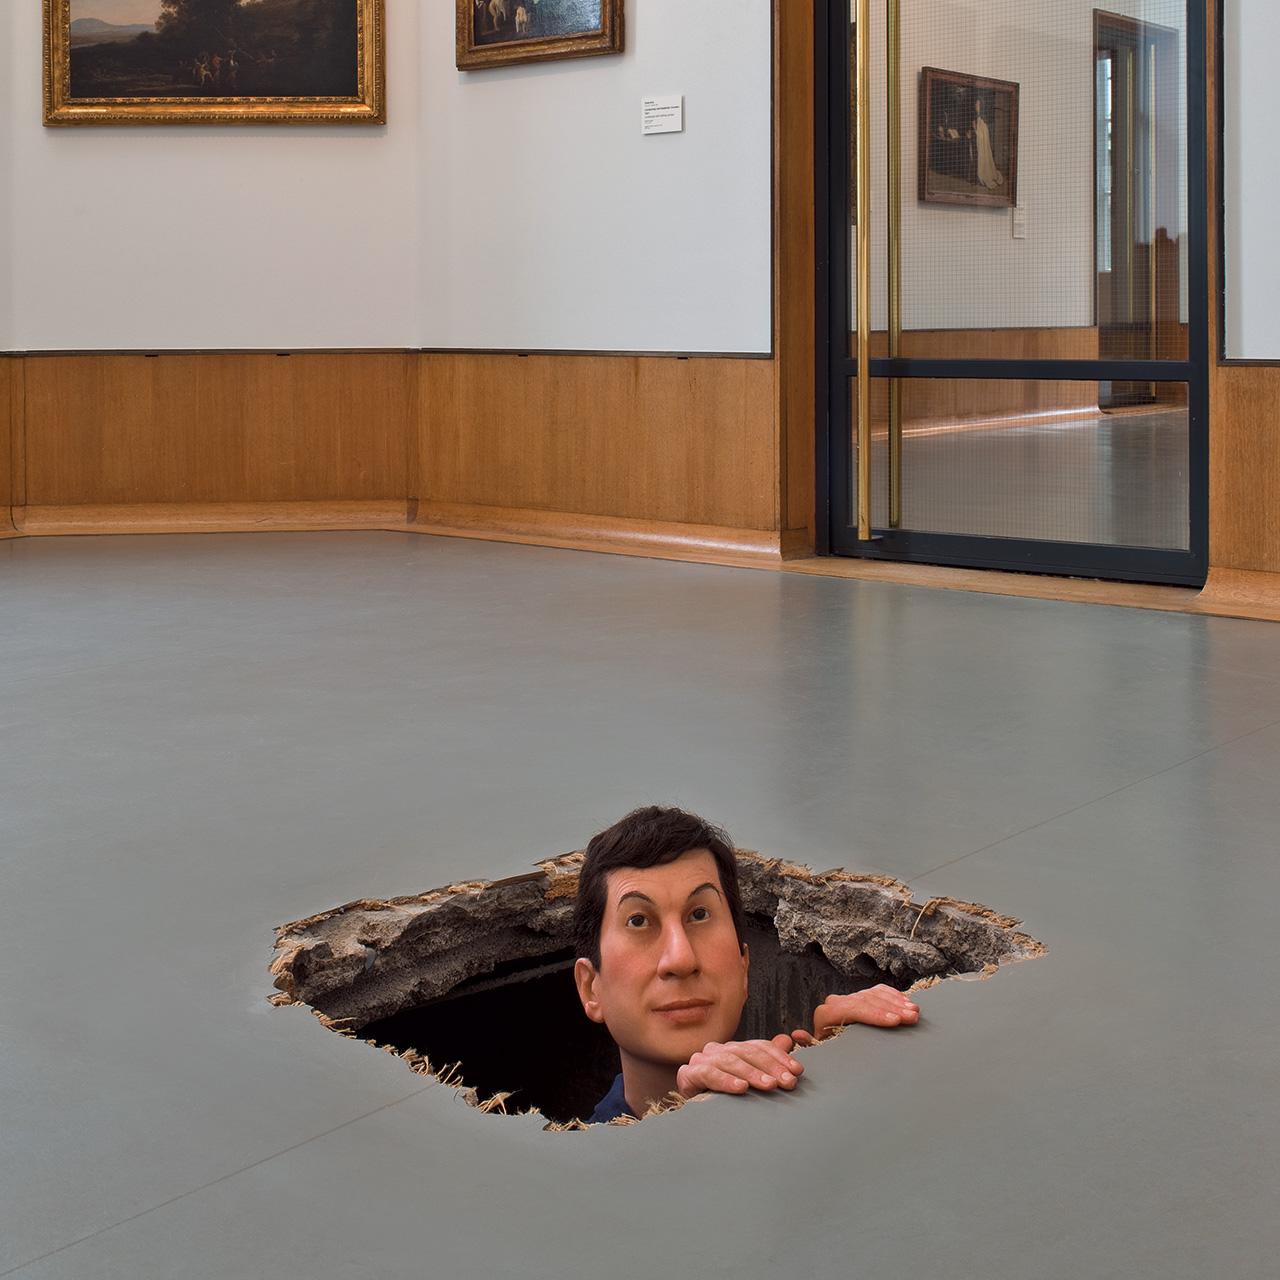 '무제', 2001